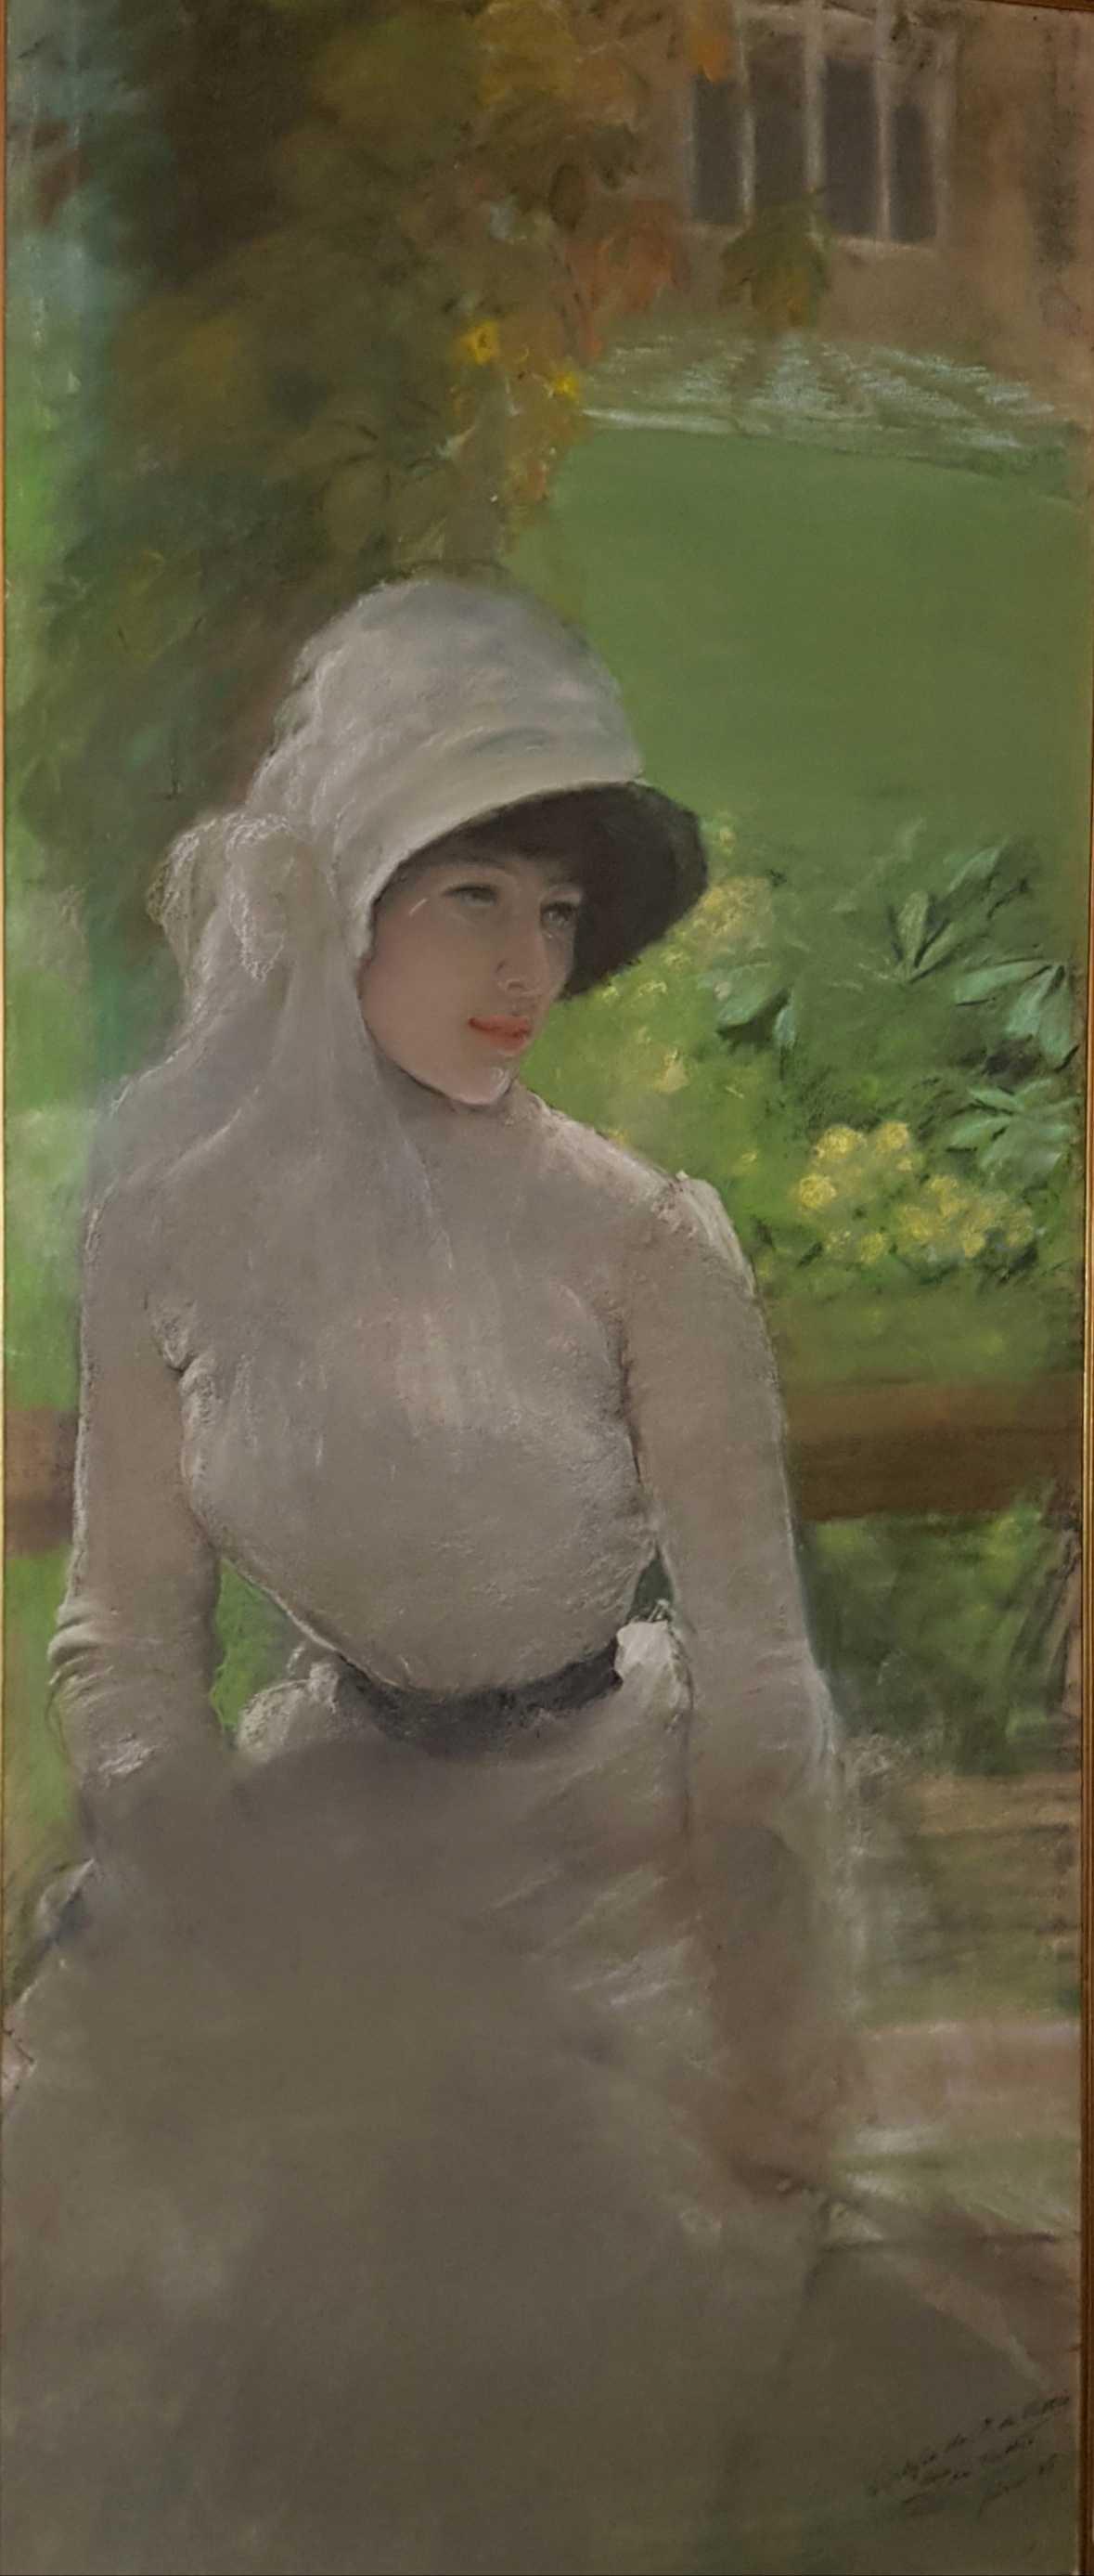 Giuseppe de Nittis Signora in giardino, (Dama en el jardín) v.1880 Pastel sobre lienzo 140 x 60 x 4 cm Colección particular, Turín.